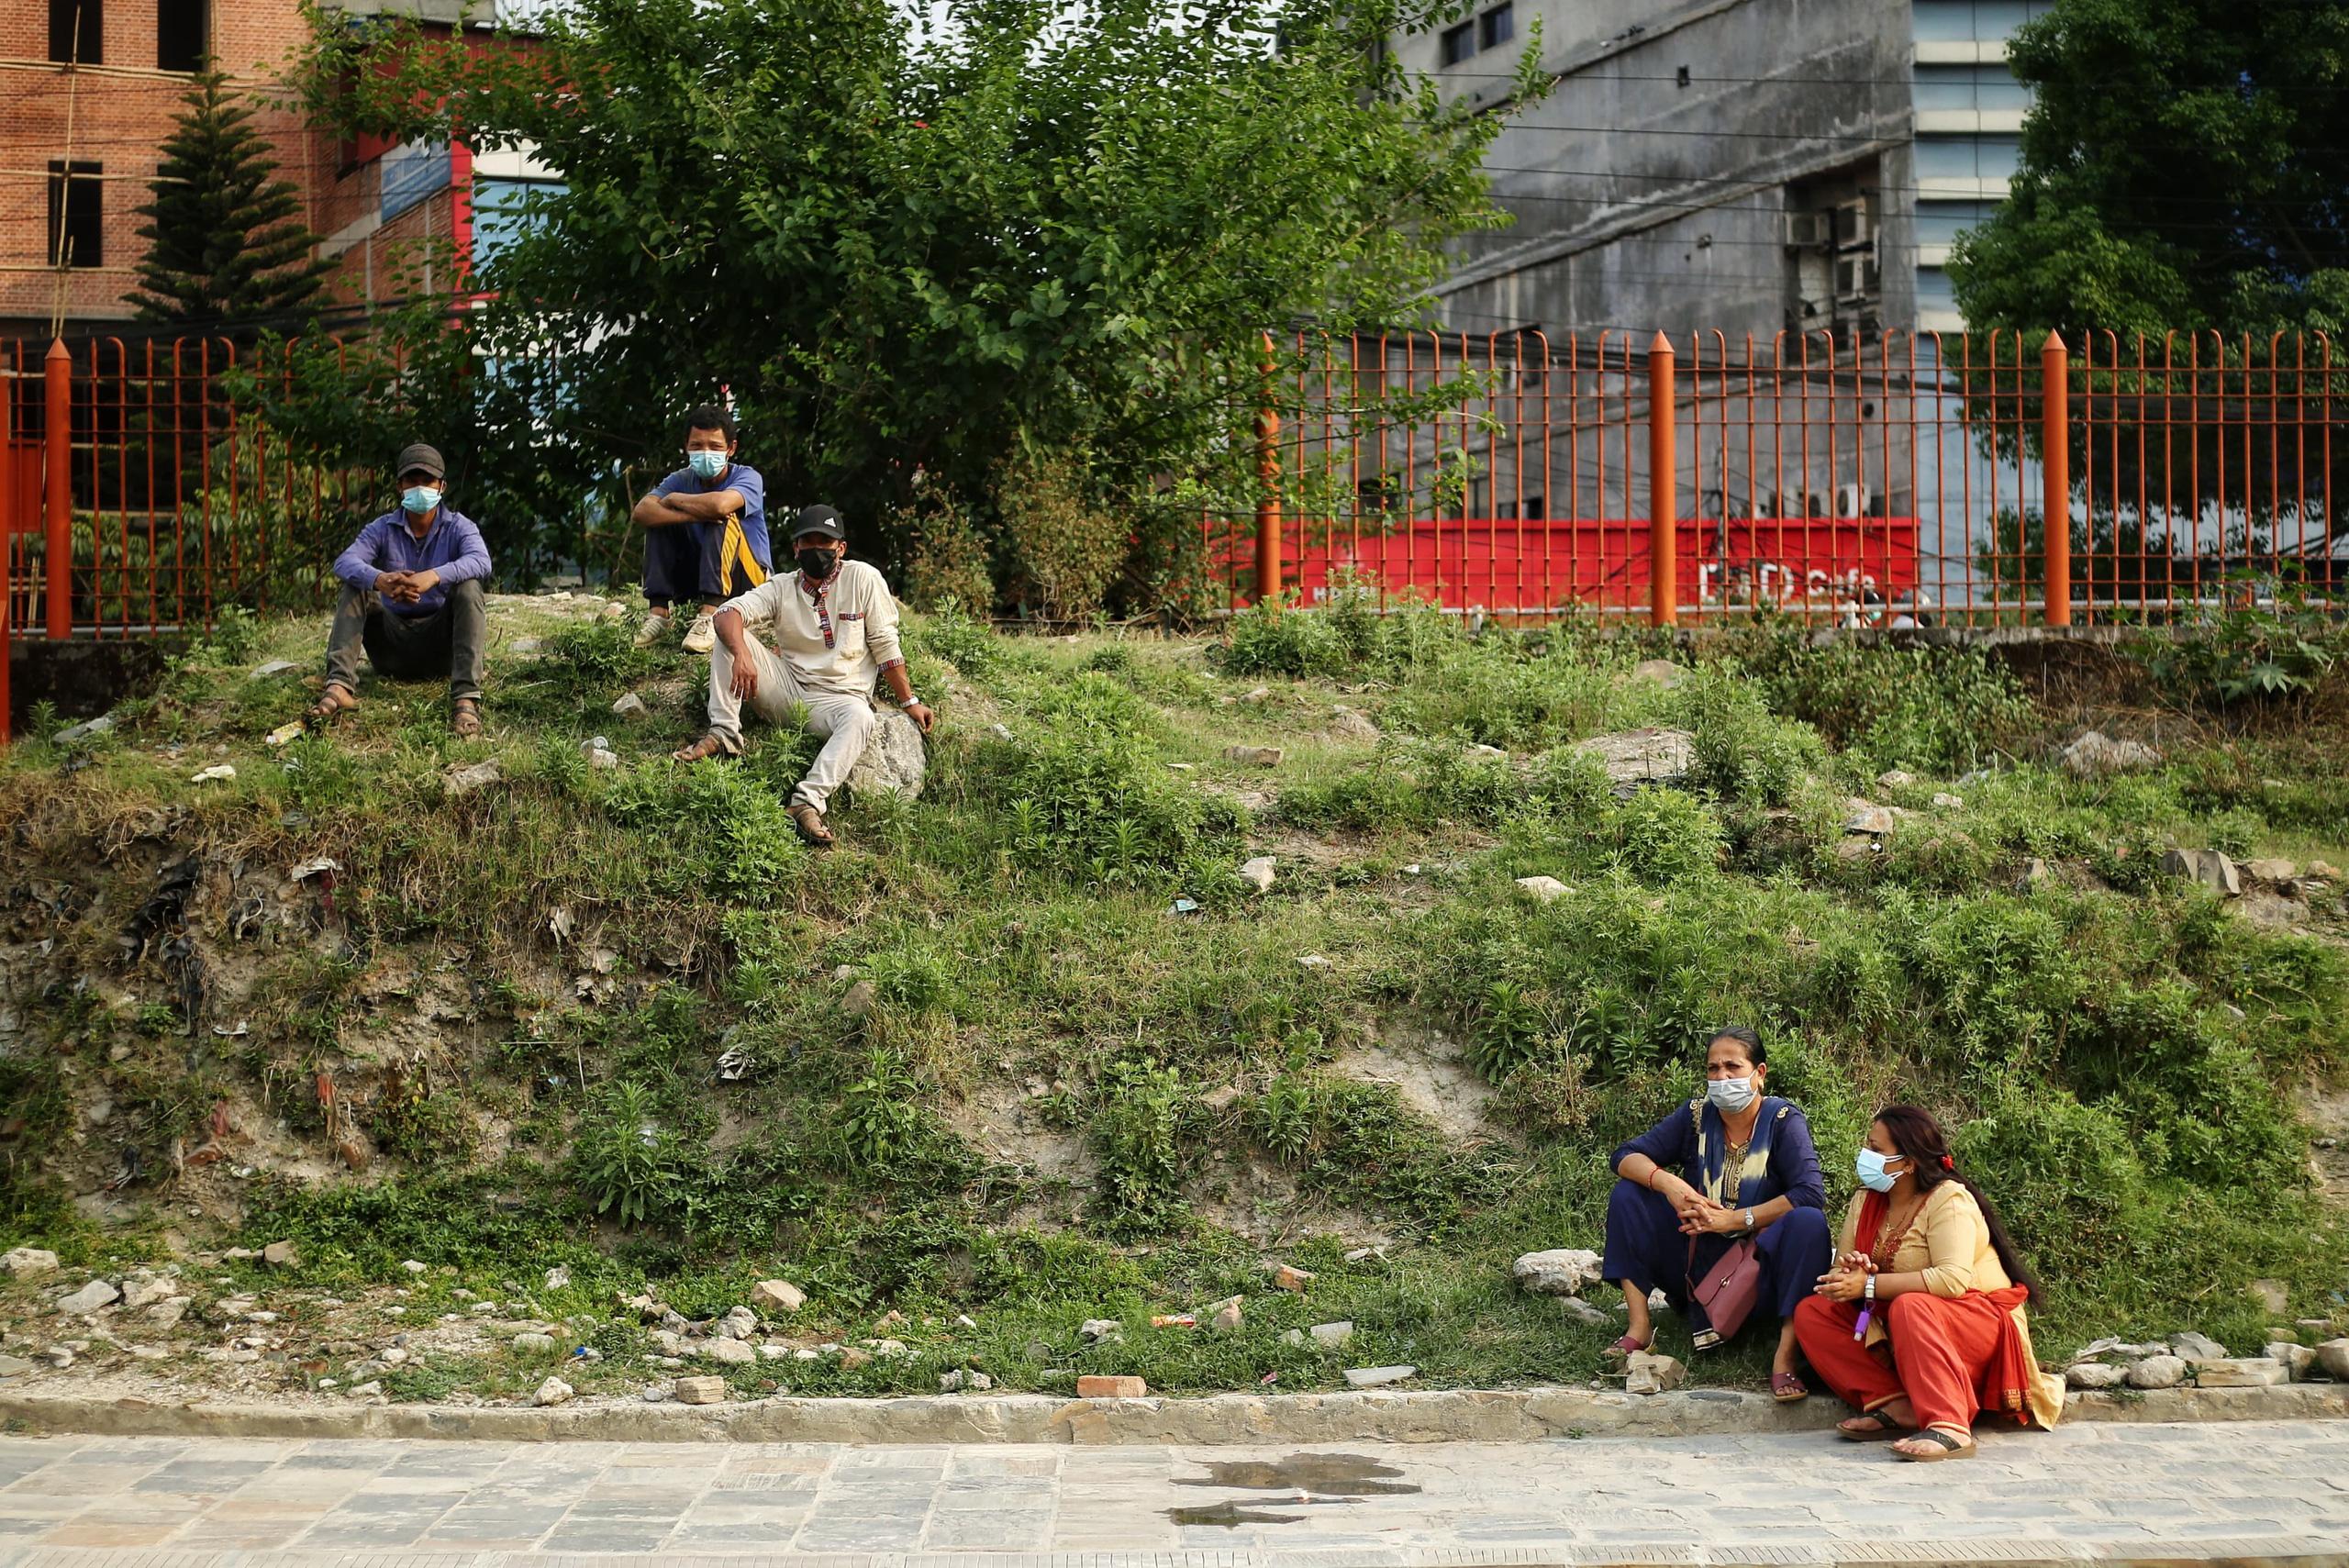 Thảm cảnh Covid-19 tại Nepal ngay lúc này: Lò hỏa thiêu nghi ngút khói đen nhả suốt ngày đêm, thân nhân uất nghẹn khóc ngất tiễn biệt người chết qua cánh cổng sắt - Ảnh 4.